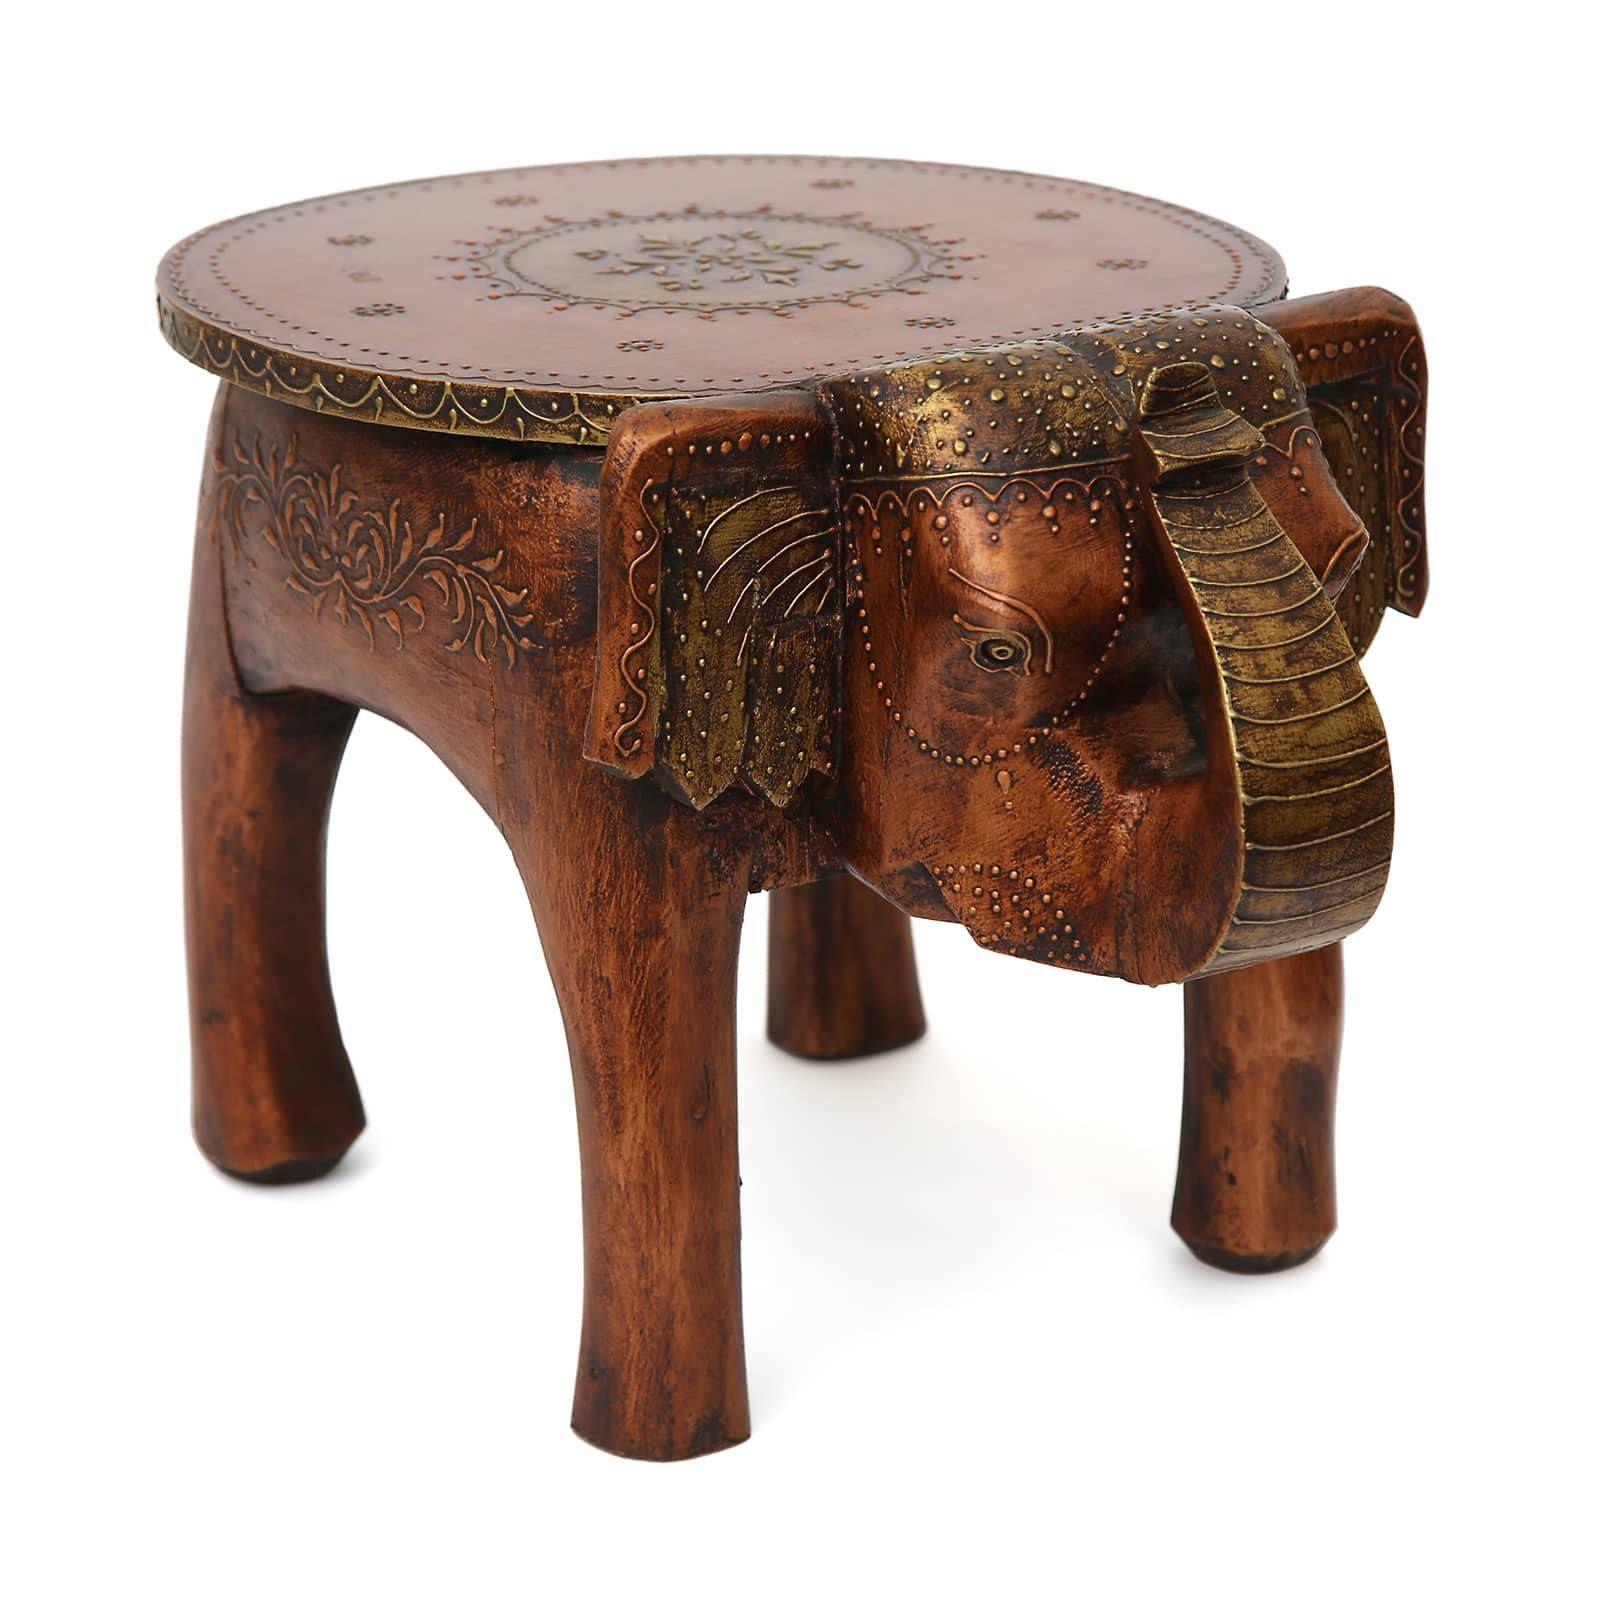 Mango Wood Carved Elephant Stool Coffee Side Table Free